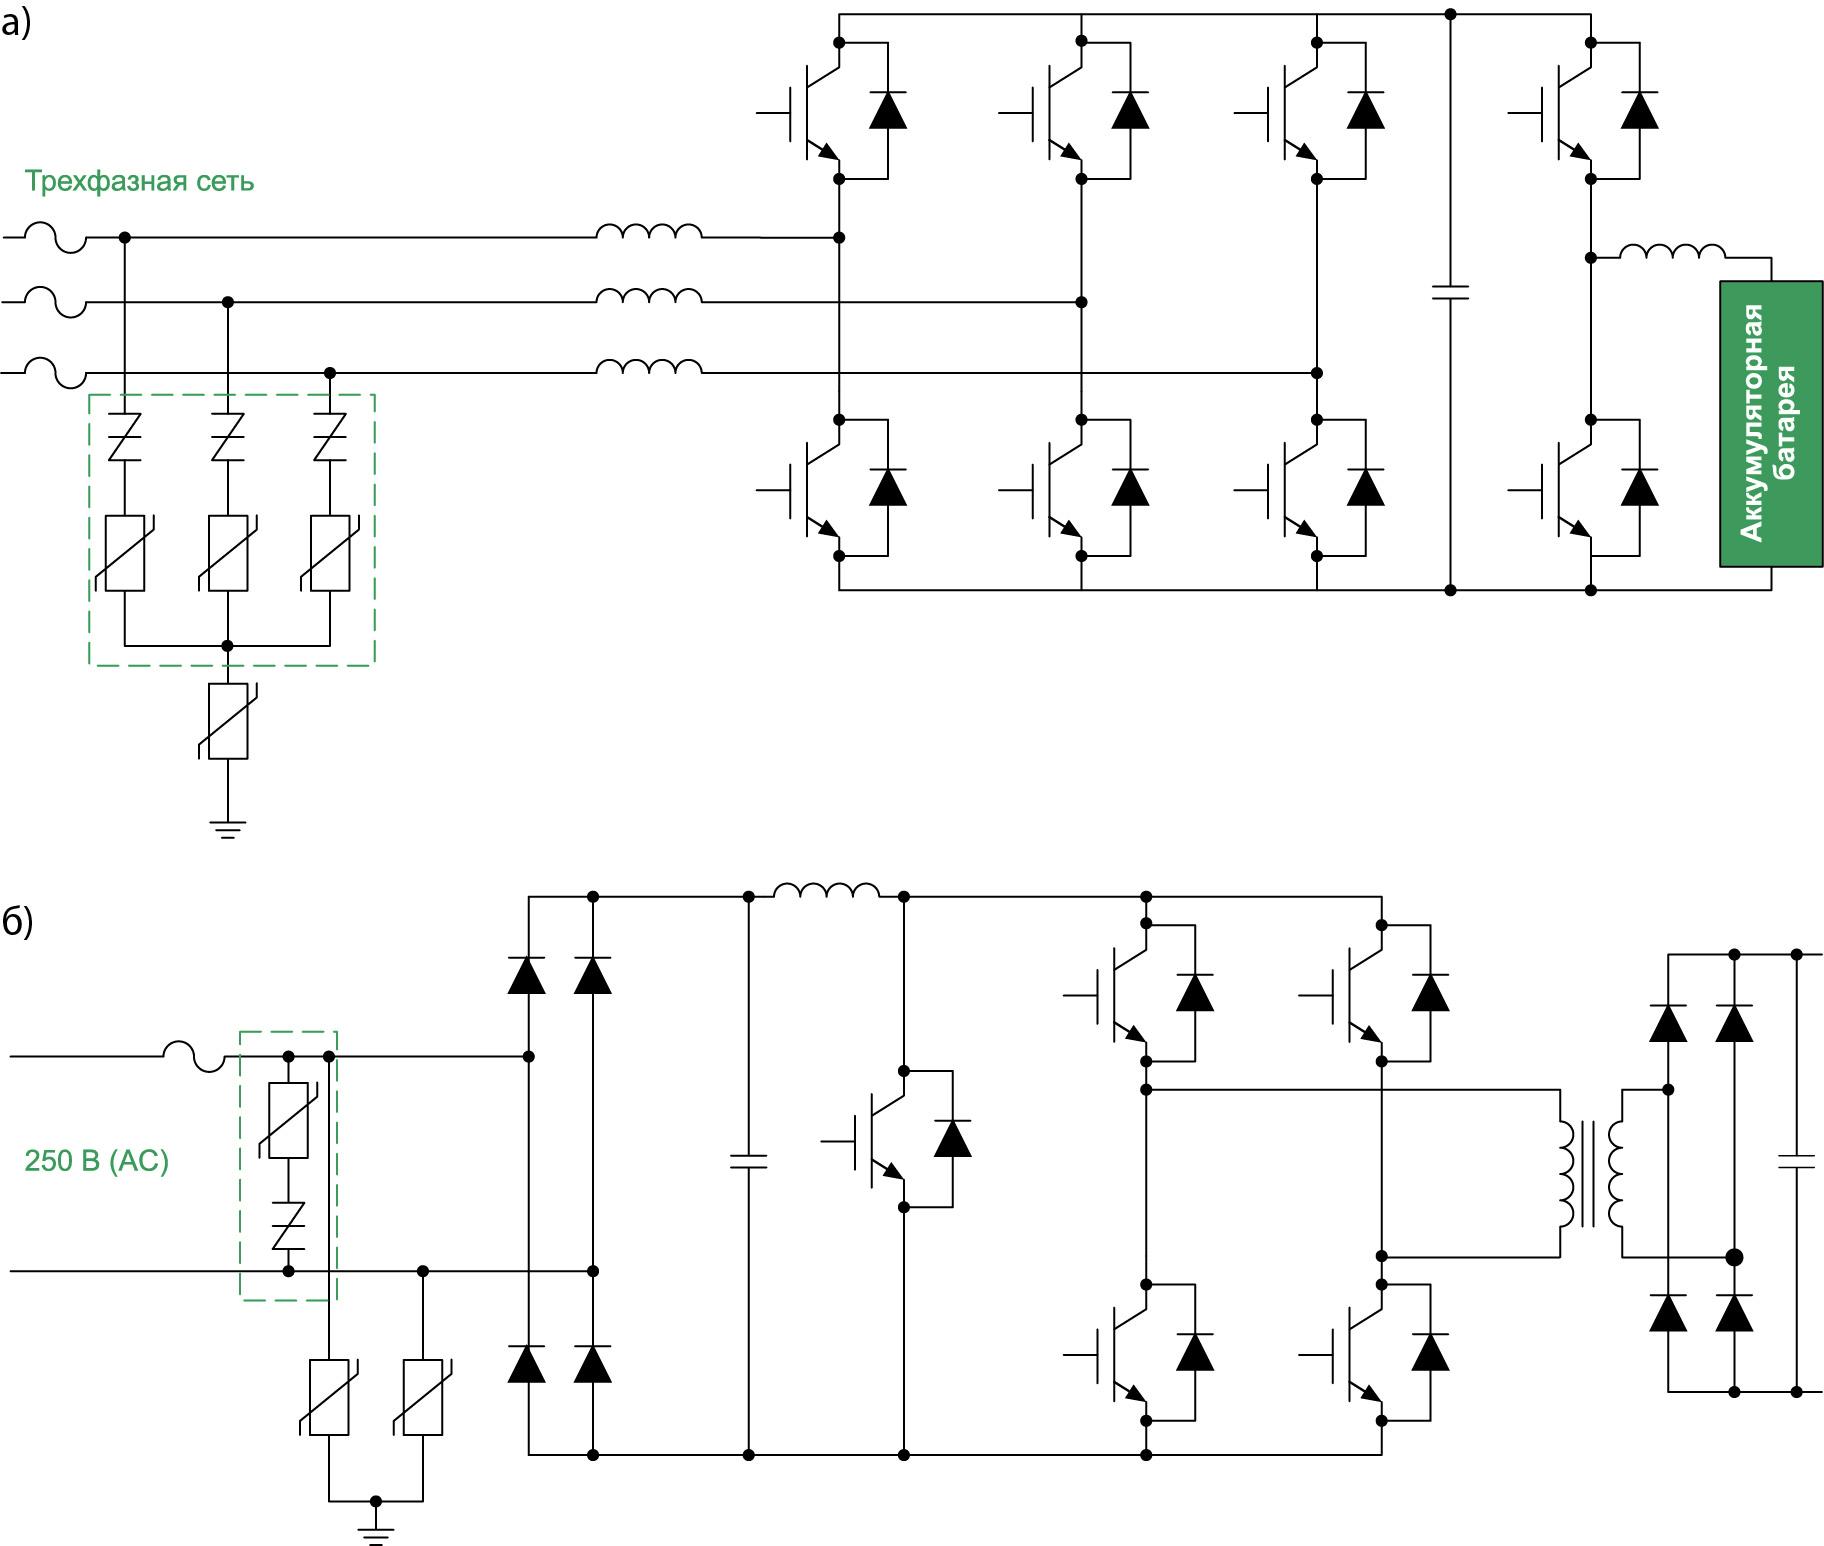 Защита зарядной станции для электромобилей EV/HEV DC при питании от трехфазной сети